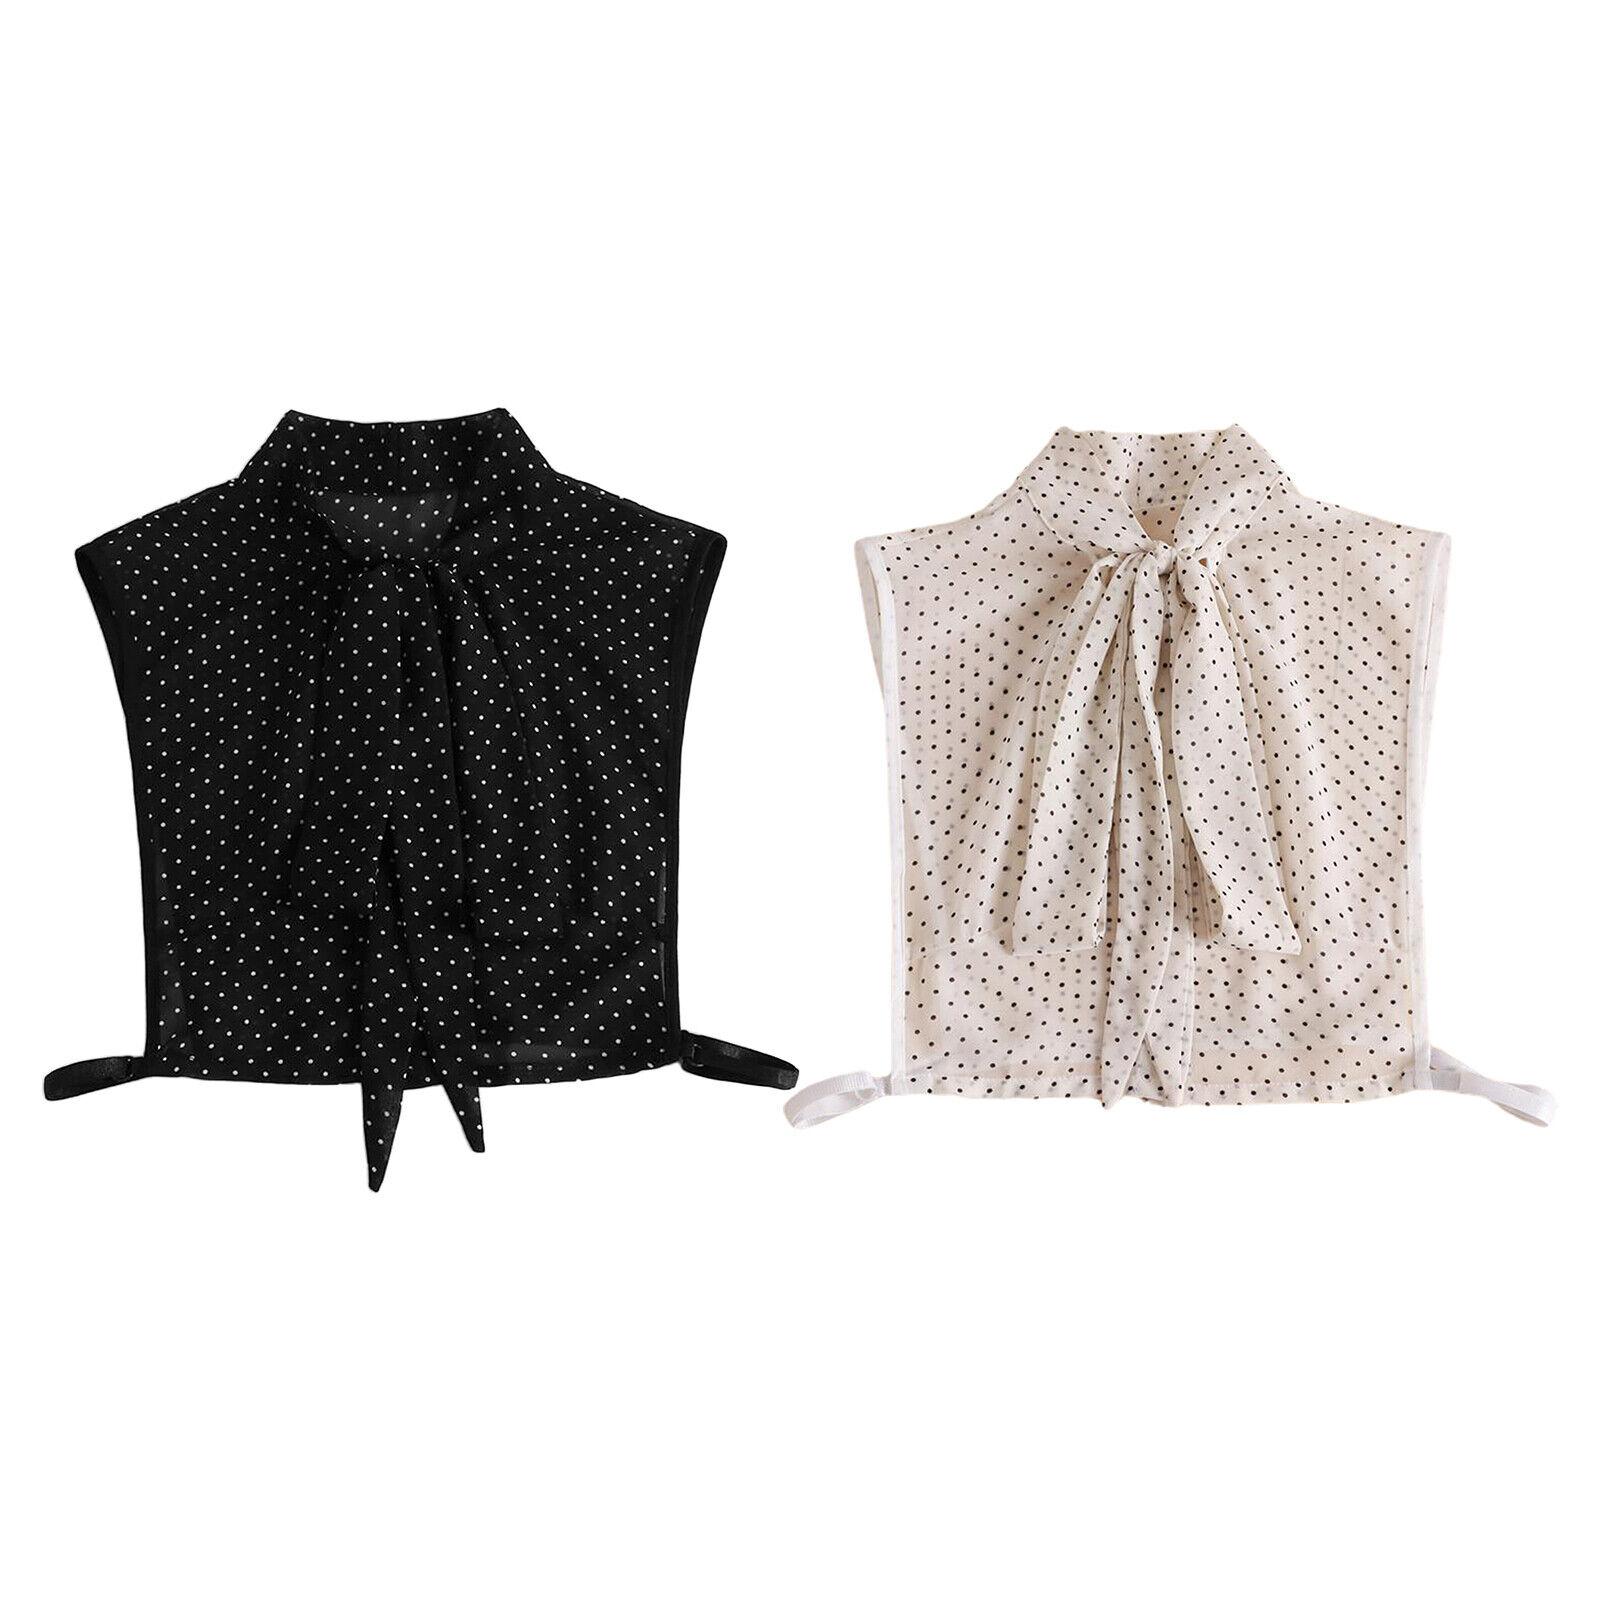 Faux Collar Bow Collar Chiffon Half Shirt Blouse Skirt Fashion Detachable Collar